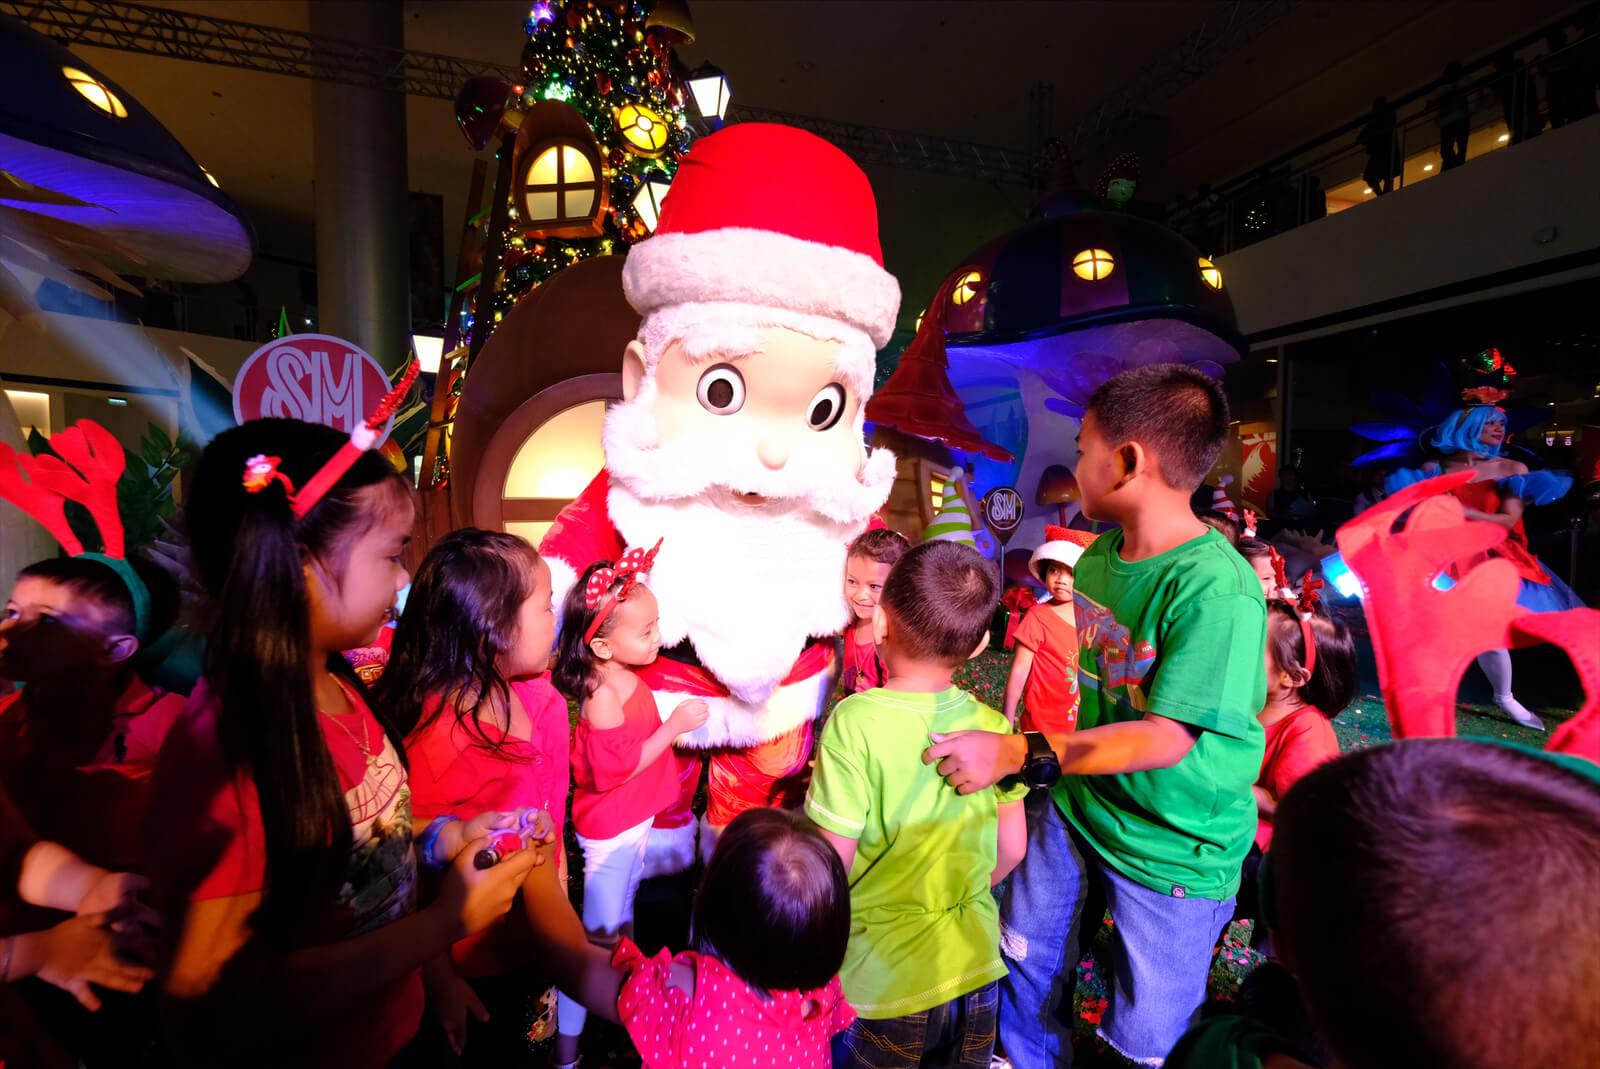 ノームと妖精 SMシティ・ダバオの魅惑的なクリスマス